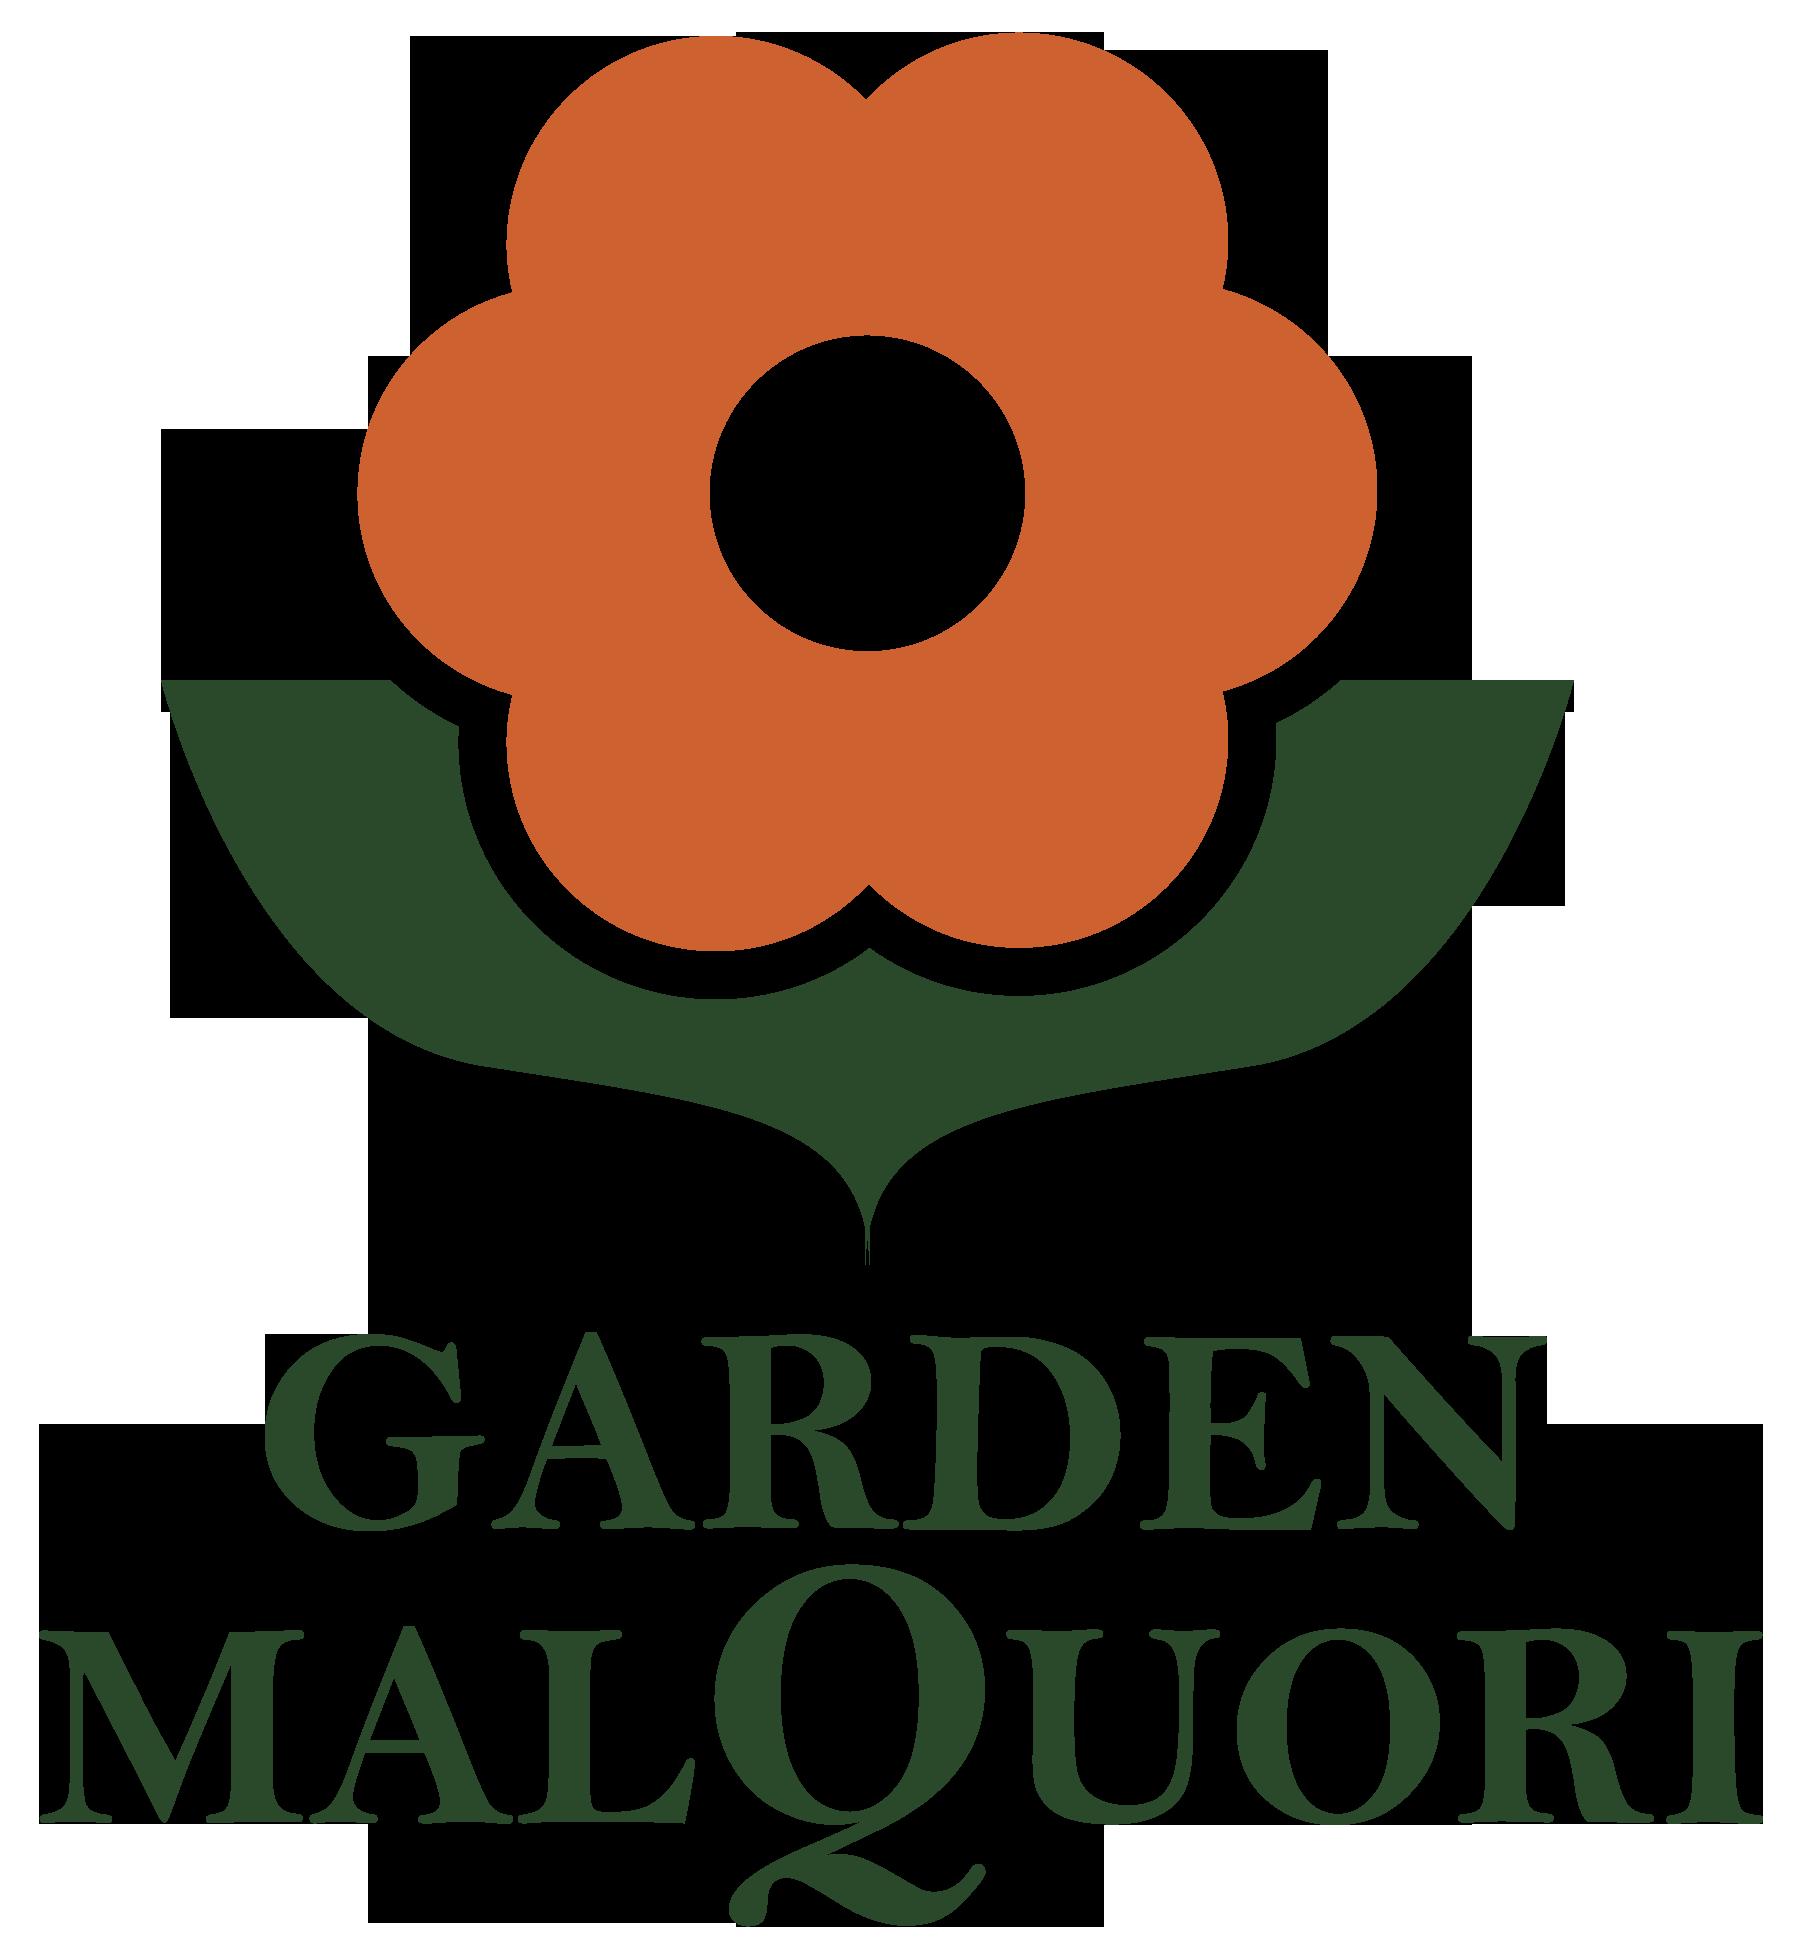 GARDEN MALQUORI – Piante e Arredamento da esterno – Poggibonsi Siena-Piante da interno e da esterno, vasi, arredamenti da giardino, piscine, fontane, tagliaerba, serre, irrigazione e attrezzature